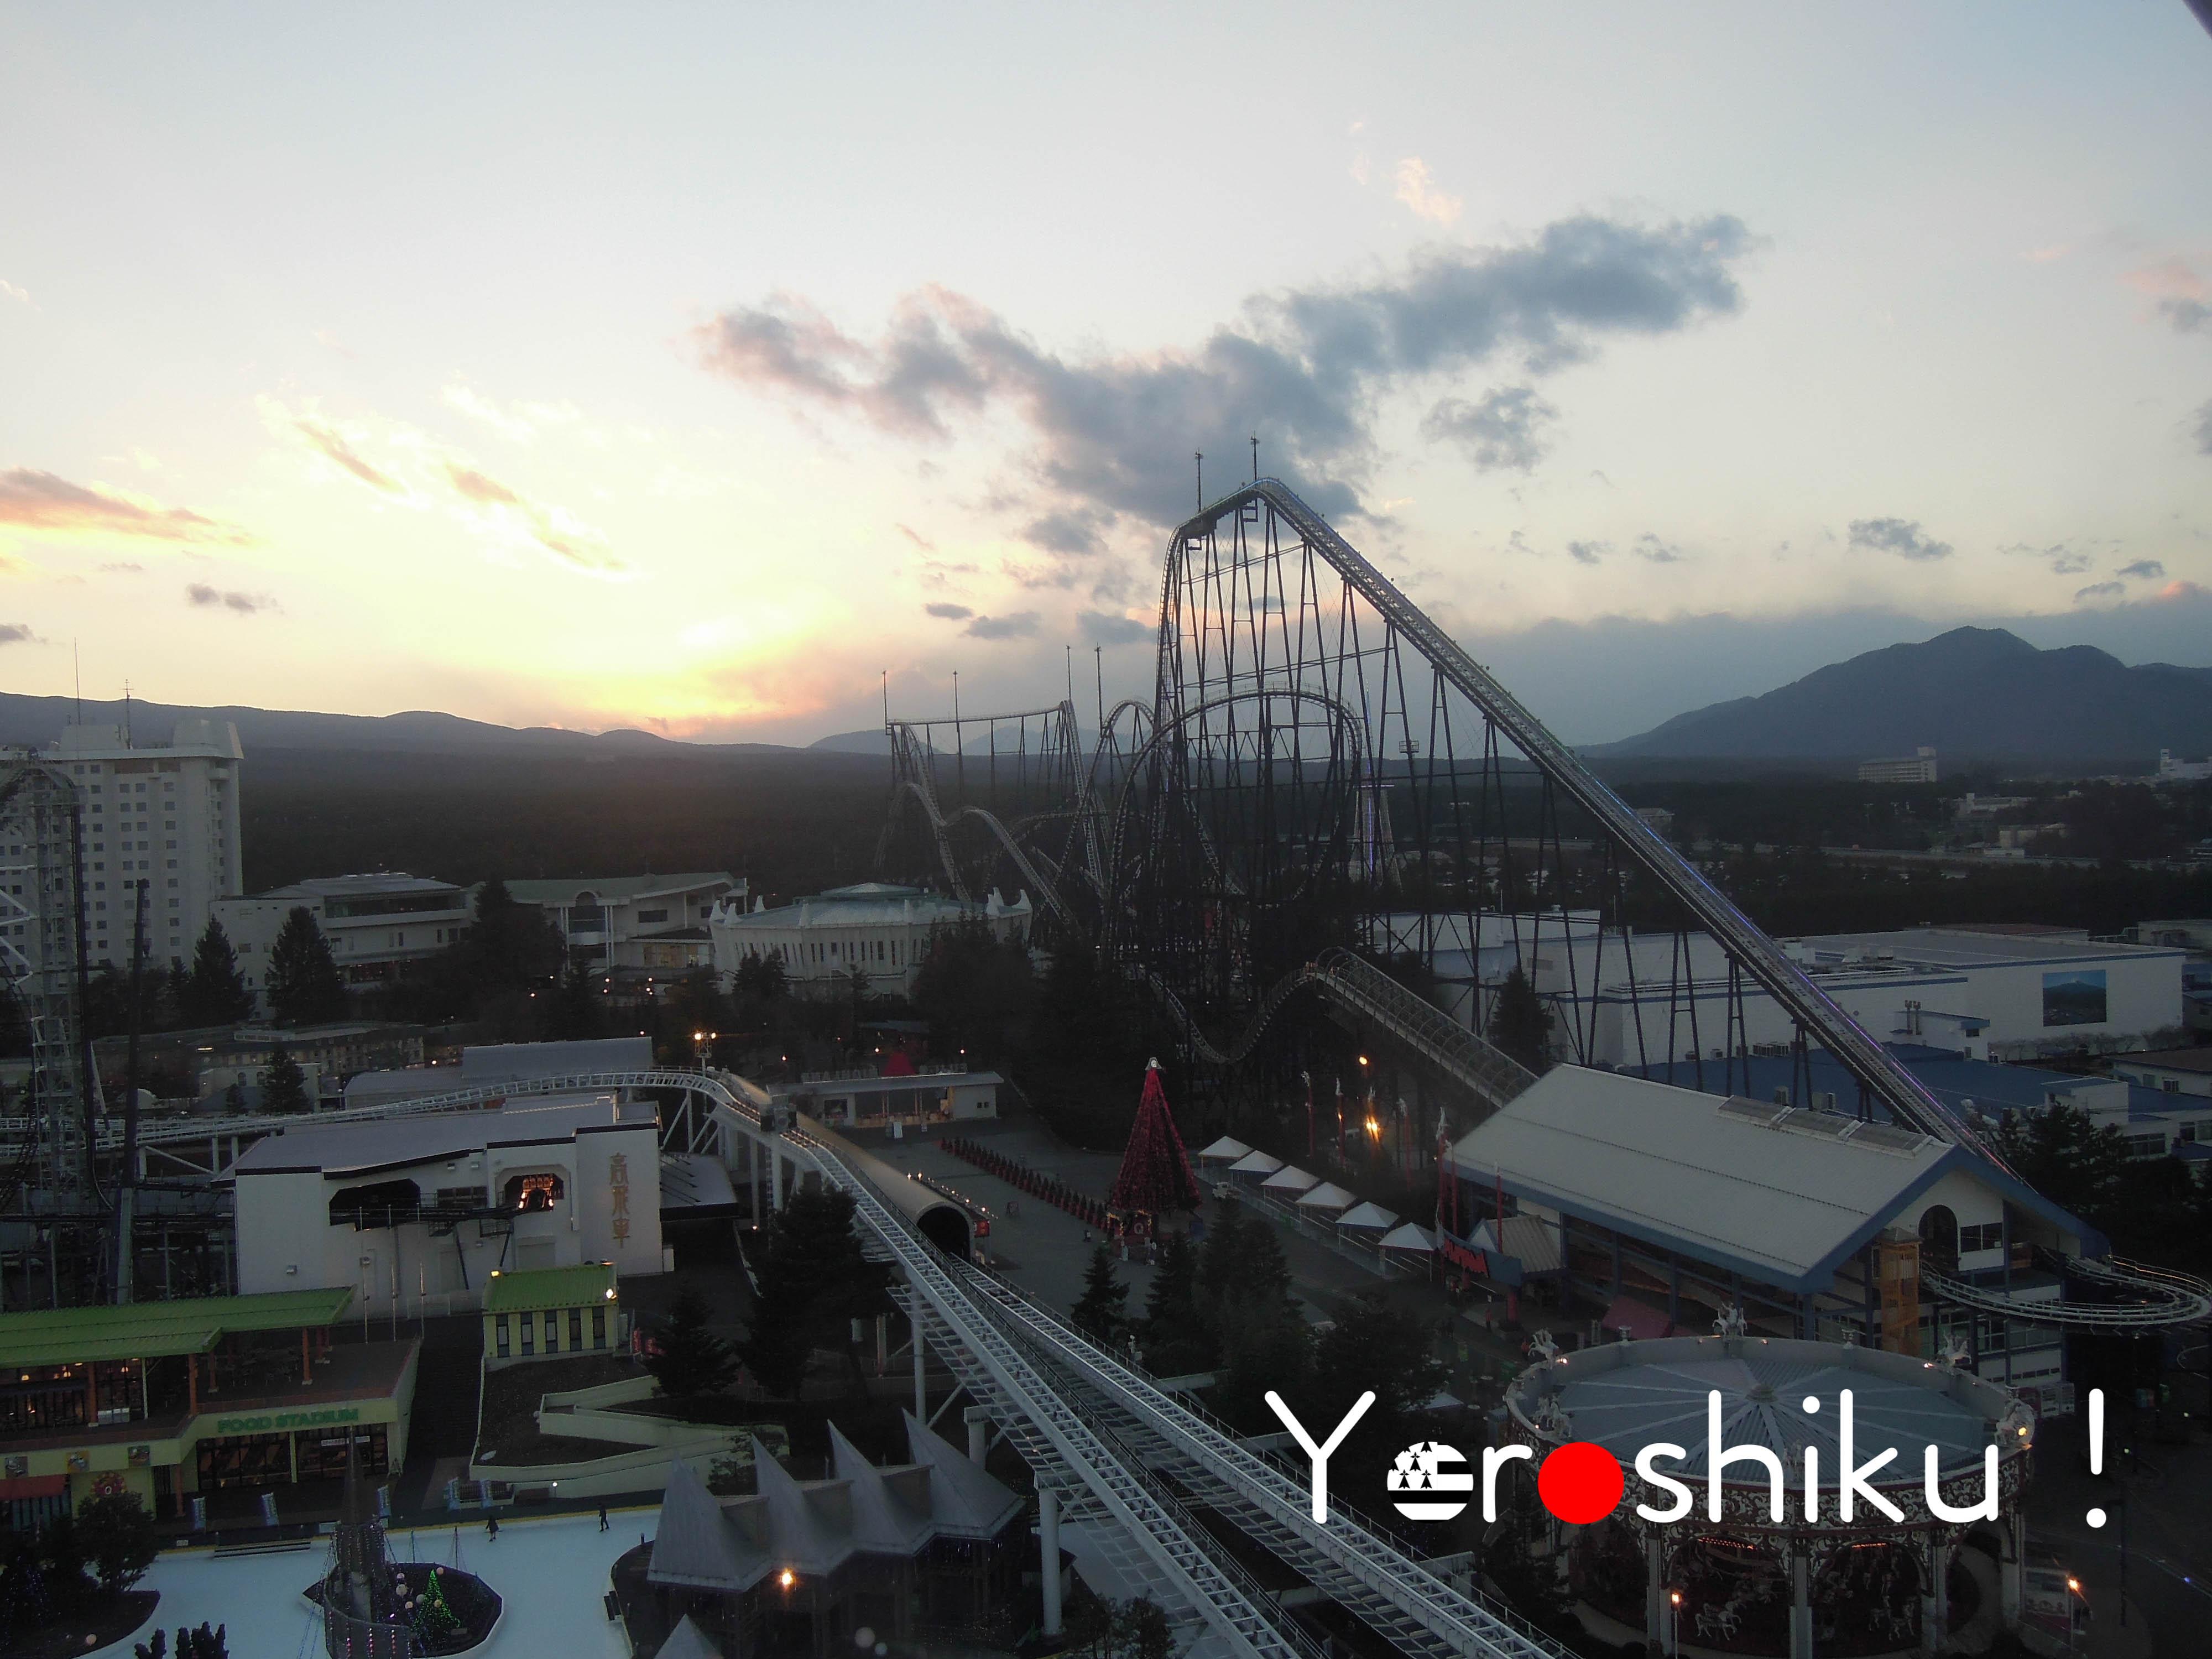 Fuji-Q Highland Fujiyama Yoroshiku